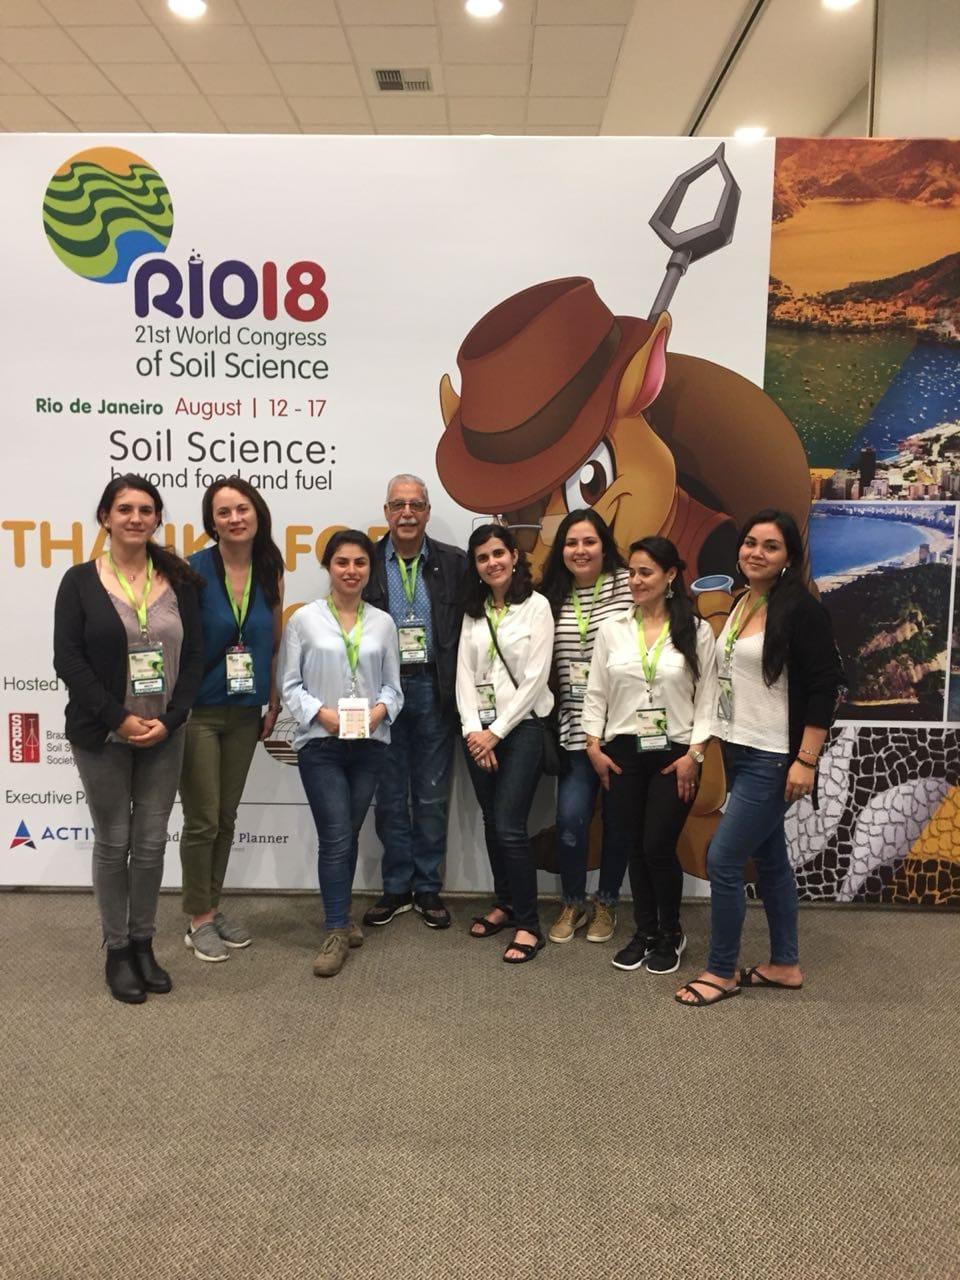 Delegación de Agronomía participó en Congreso Mundial de las Ciencias del Suelo en Brasil